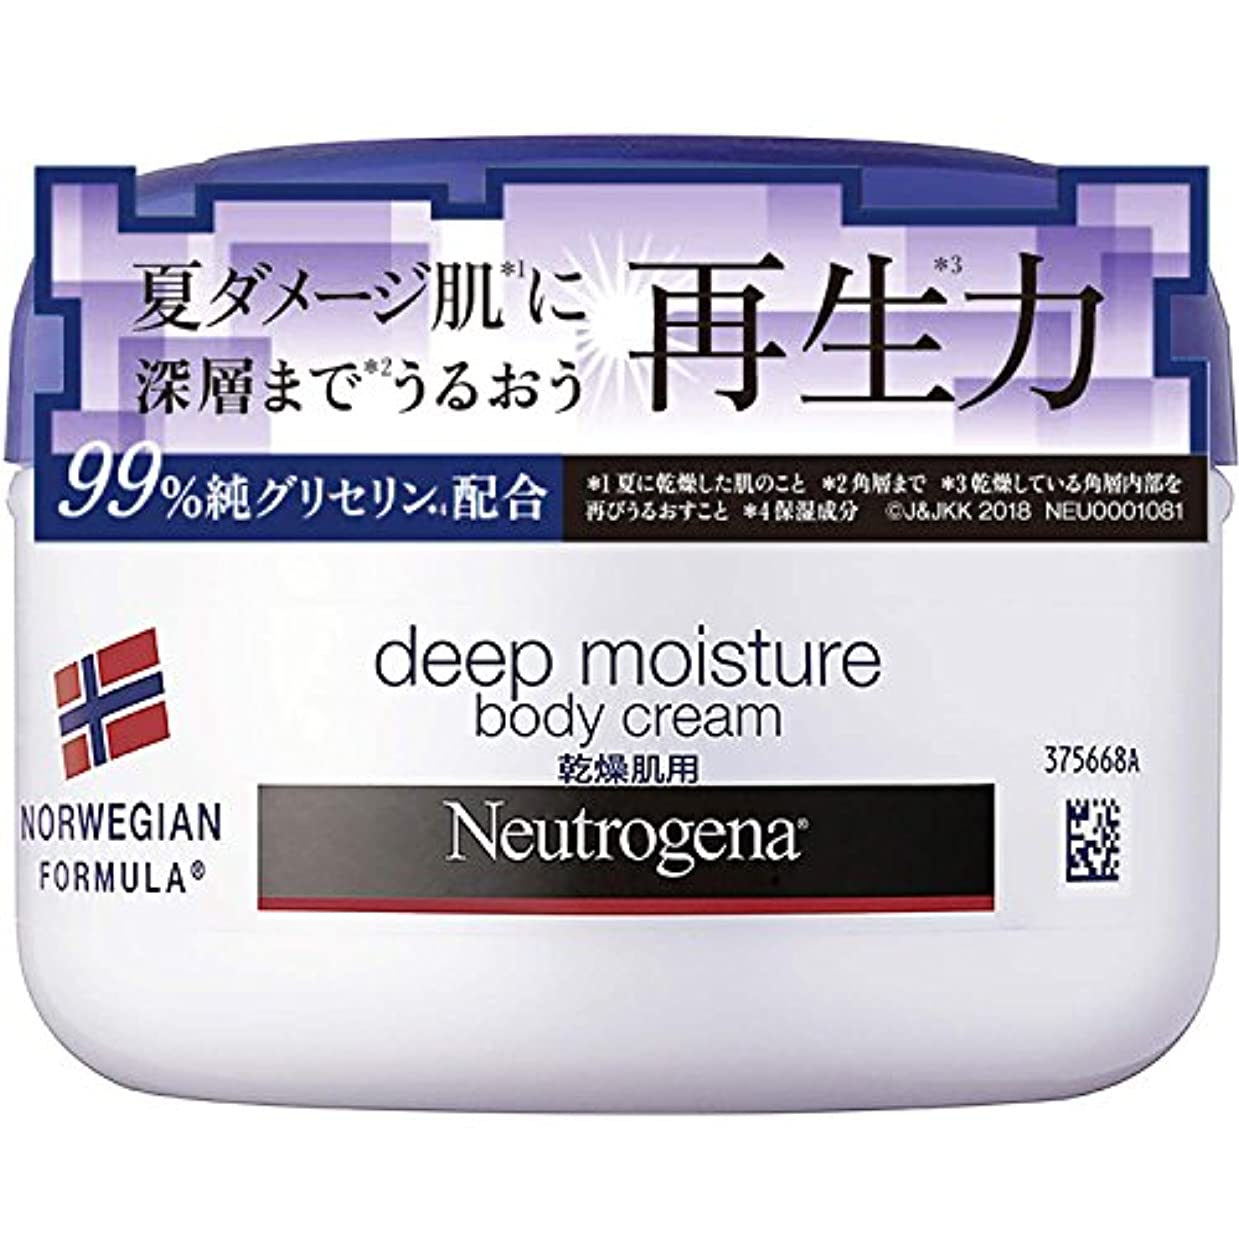 焦げボタンしなやかなNeutrogena(ニュートロジーナ) ノルウェーフォーミュラ ディープモイスチャー ボディクリーム 乾燥肌用 微香性 200ml